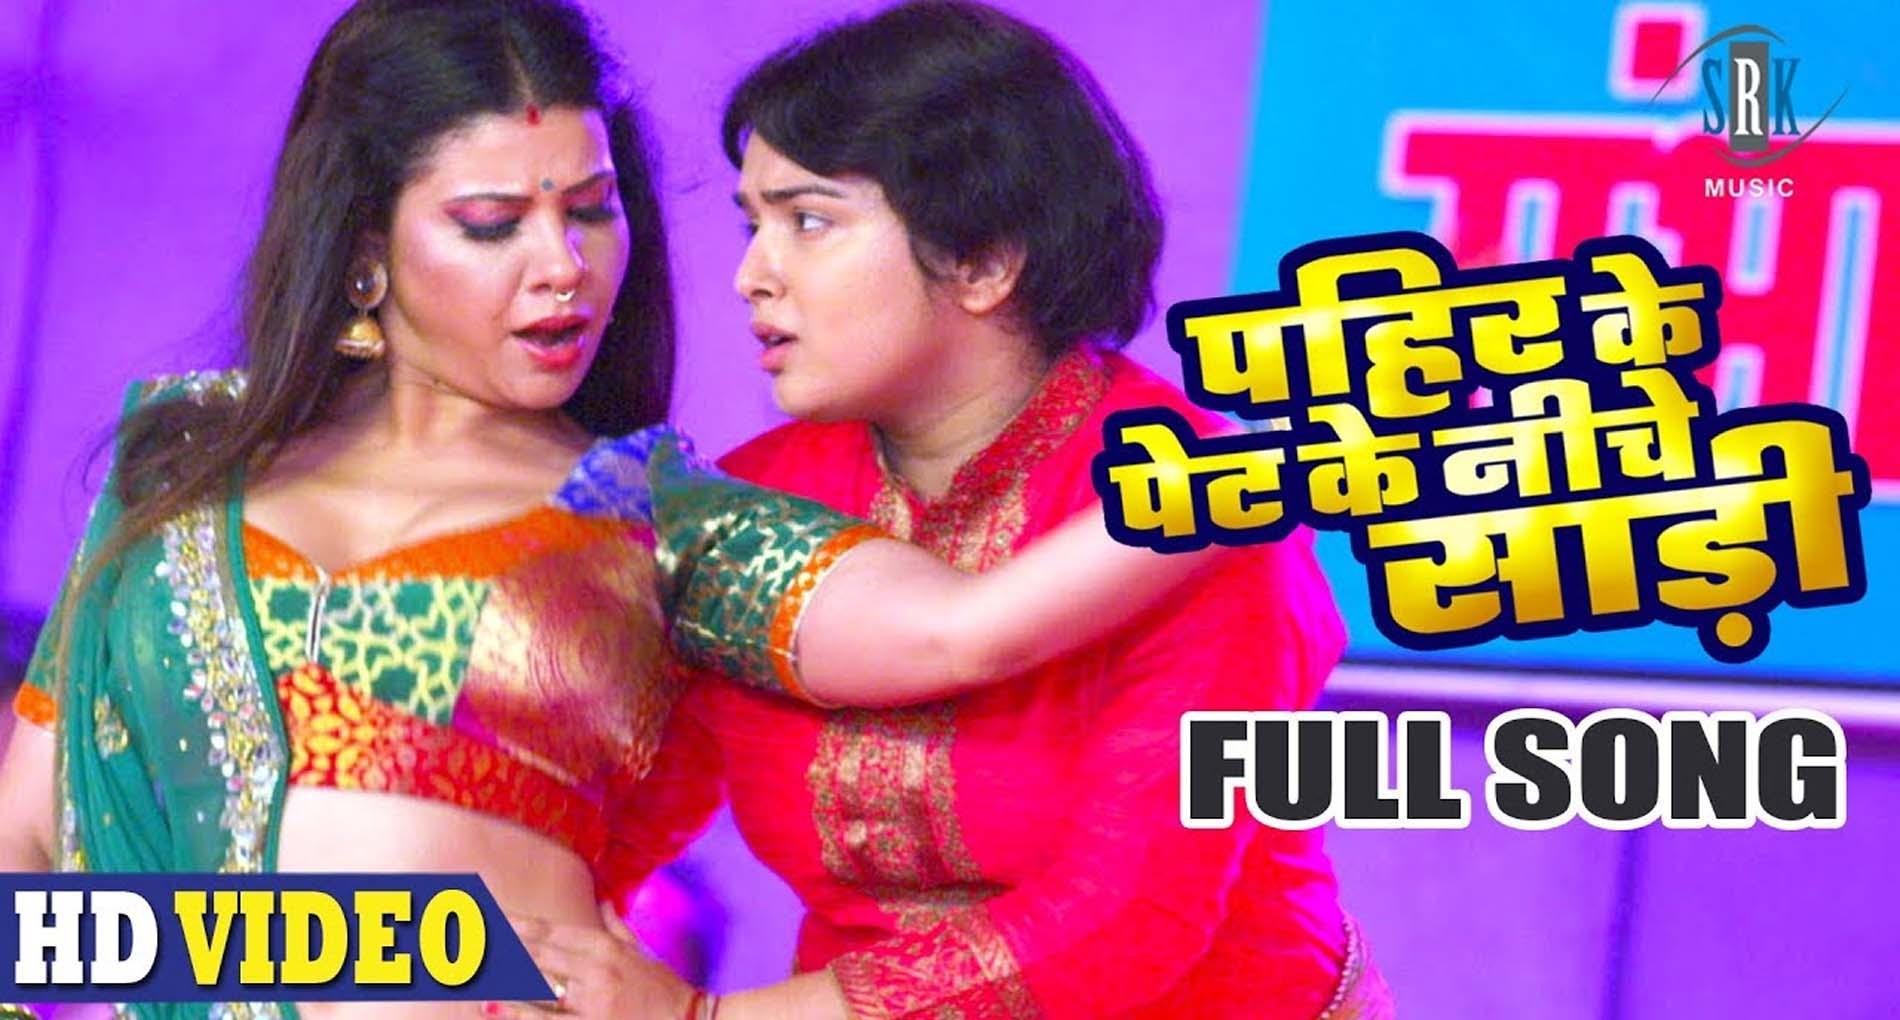 Bhojpuri Hit Song: संभावना सेठ से हुई छेड़खानी! देखें मजेदार वीडियो सॉन्ग